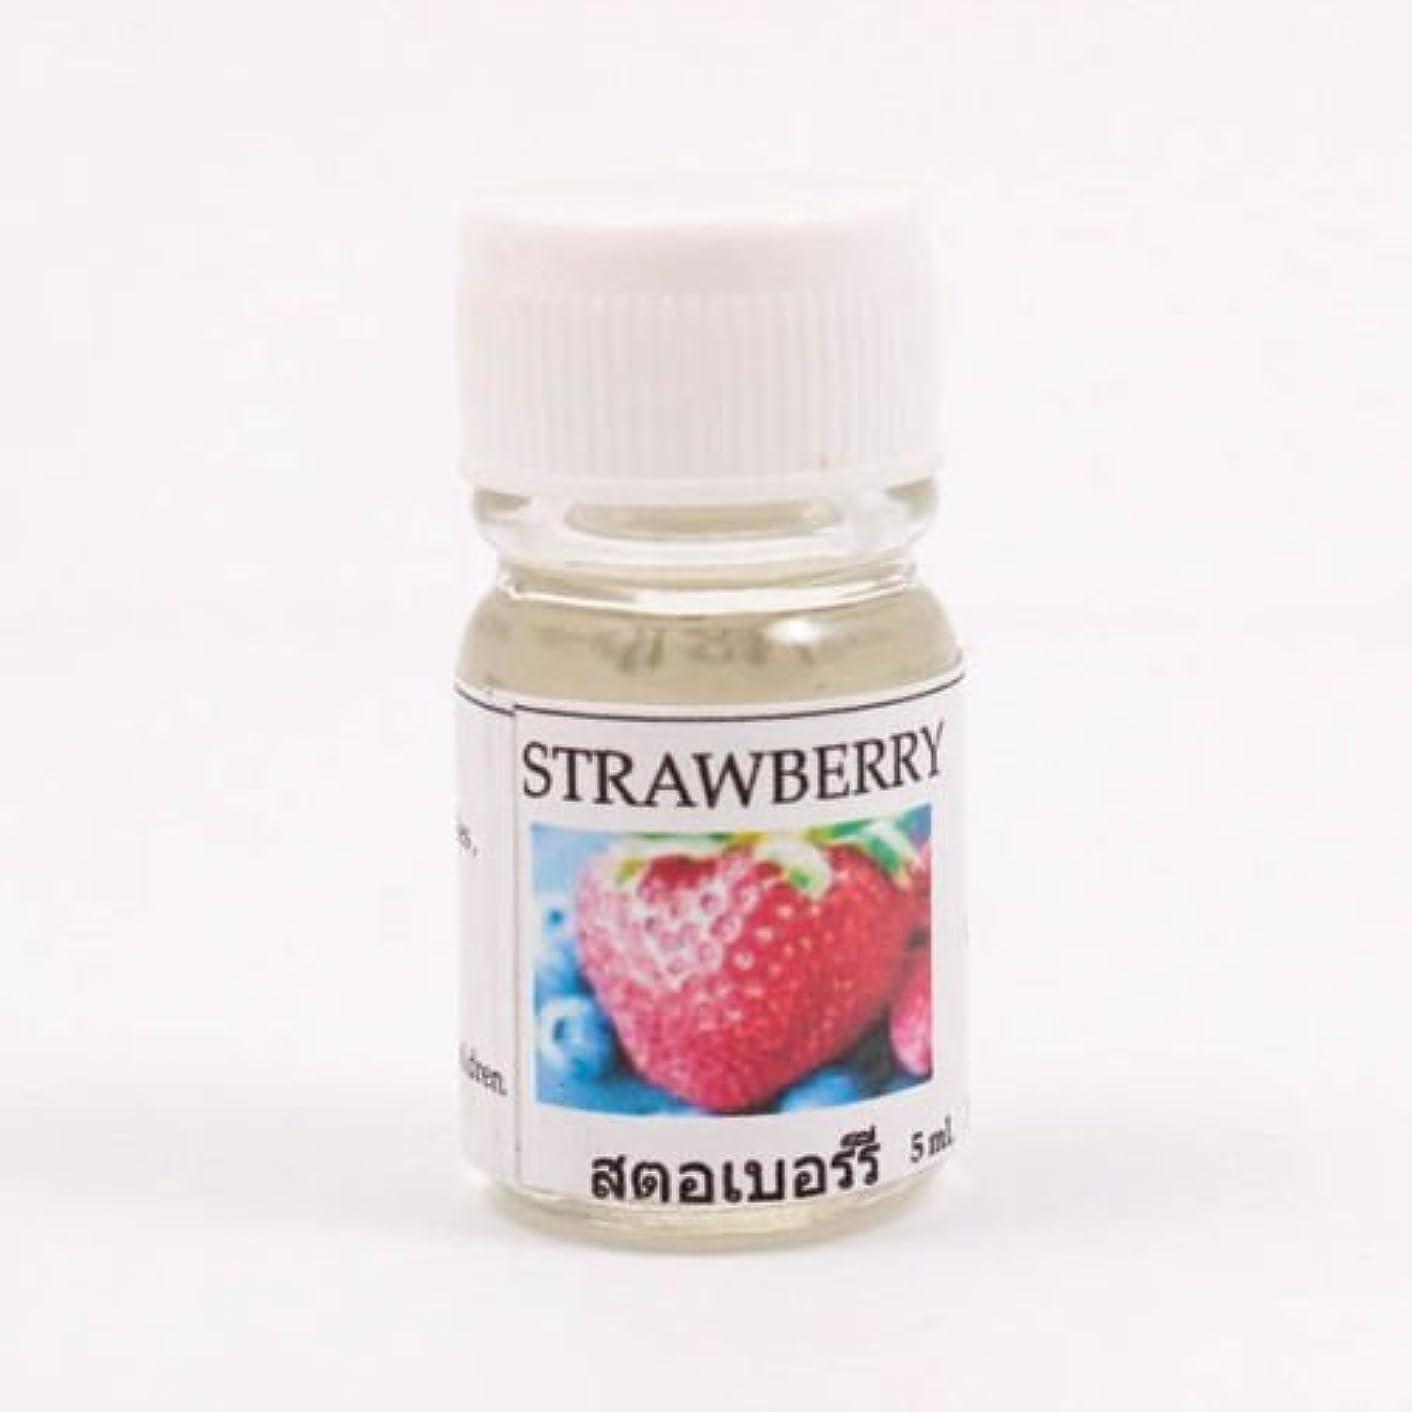 郵便ぶら下がる空気6X Strawberry Aroma Fragrance Essential Oil 5ML cc Diffuser Burner Therapy